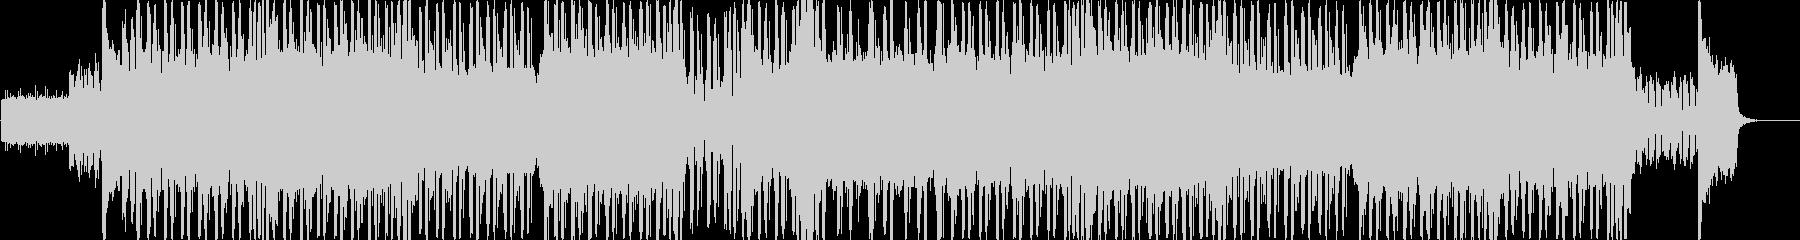 ギターとシンセがゴリゴリなドラムンベースの未再生の波形